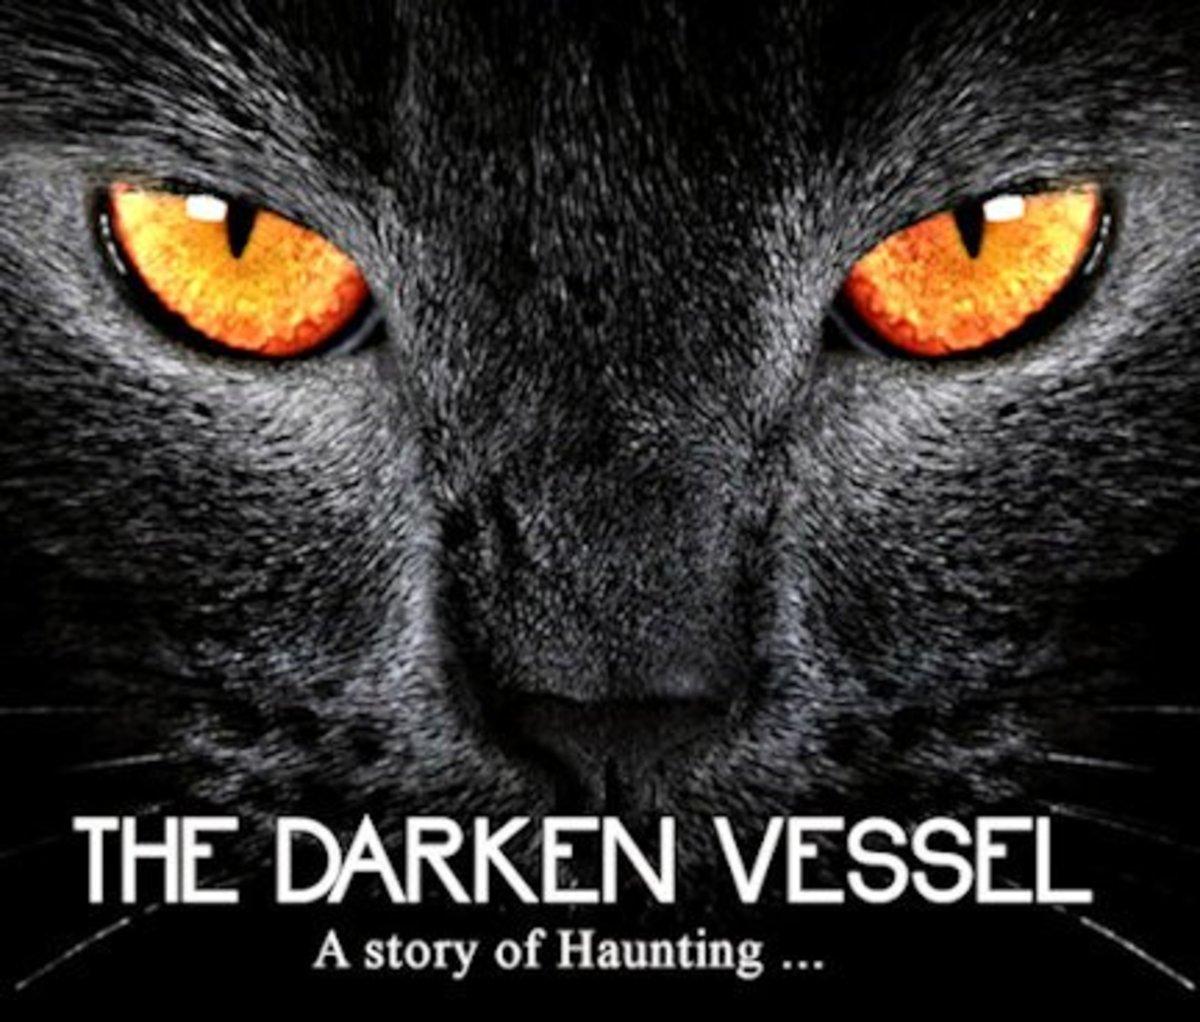 The Darken Vessel 2